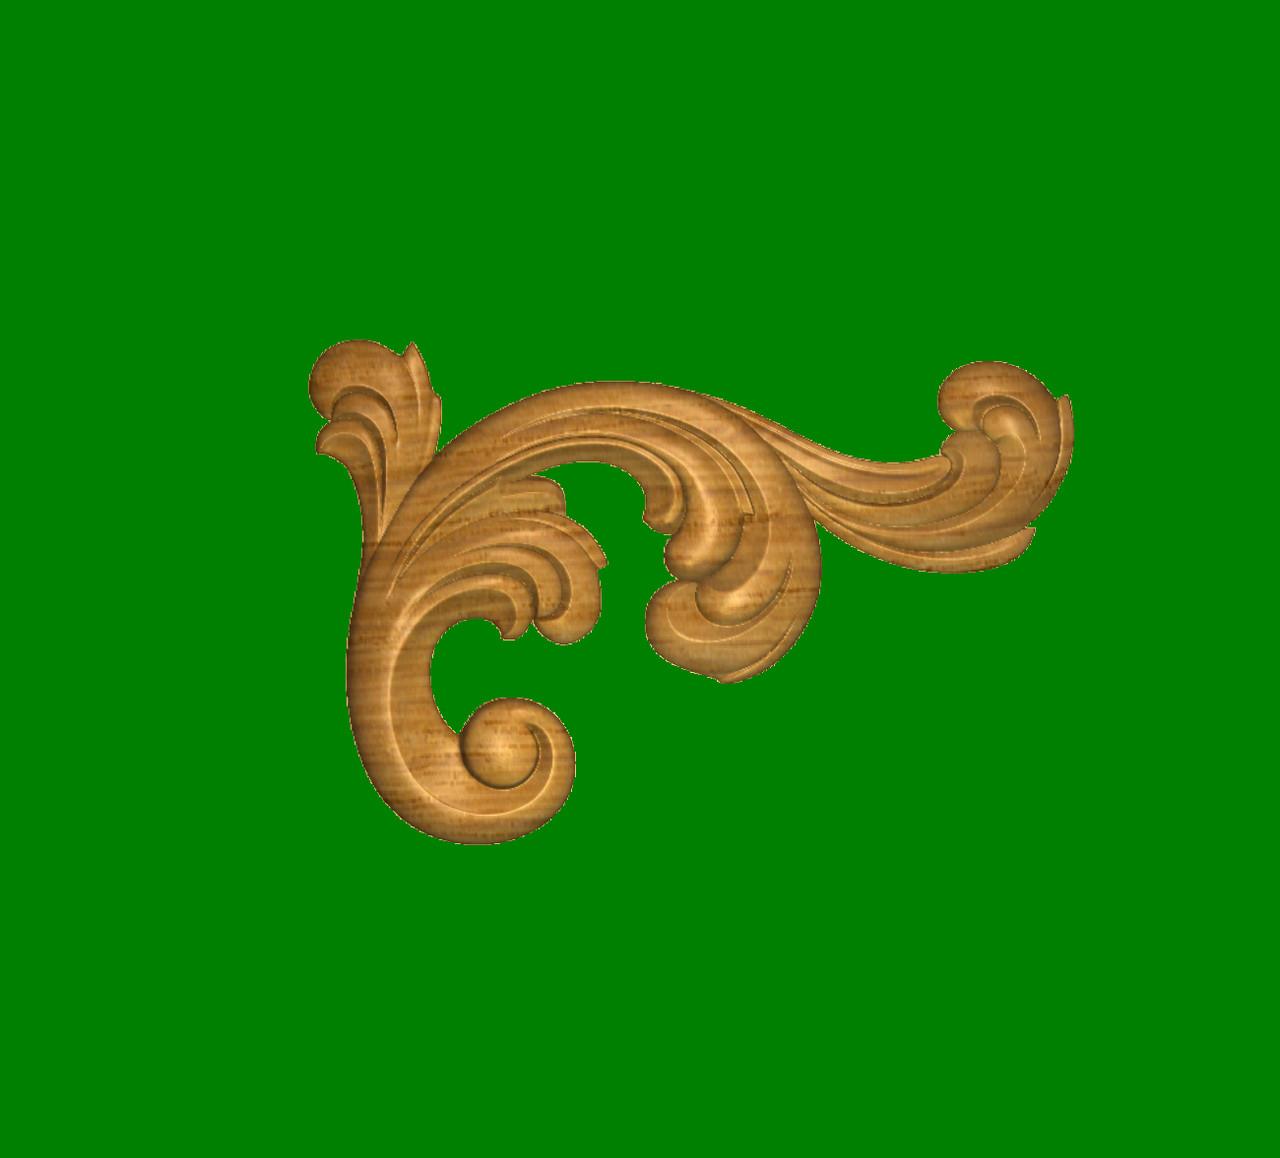 Код ДУ12. Деревянный резной декор для мебели. Декор угловой